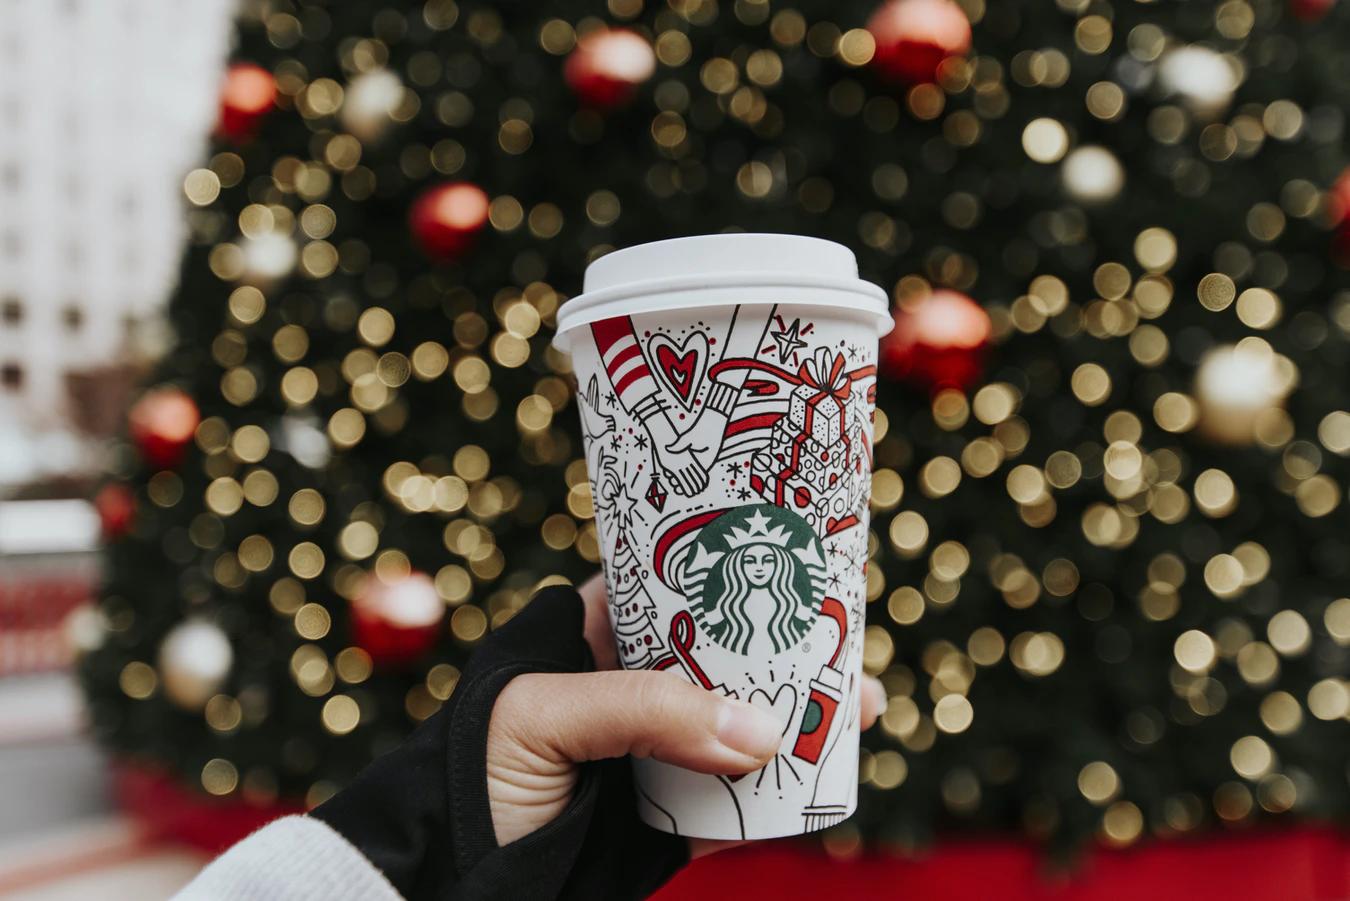 Harga Tumbler Starbucks Terjangkau dan Berkualitas yang Kekinian